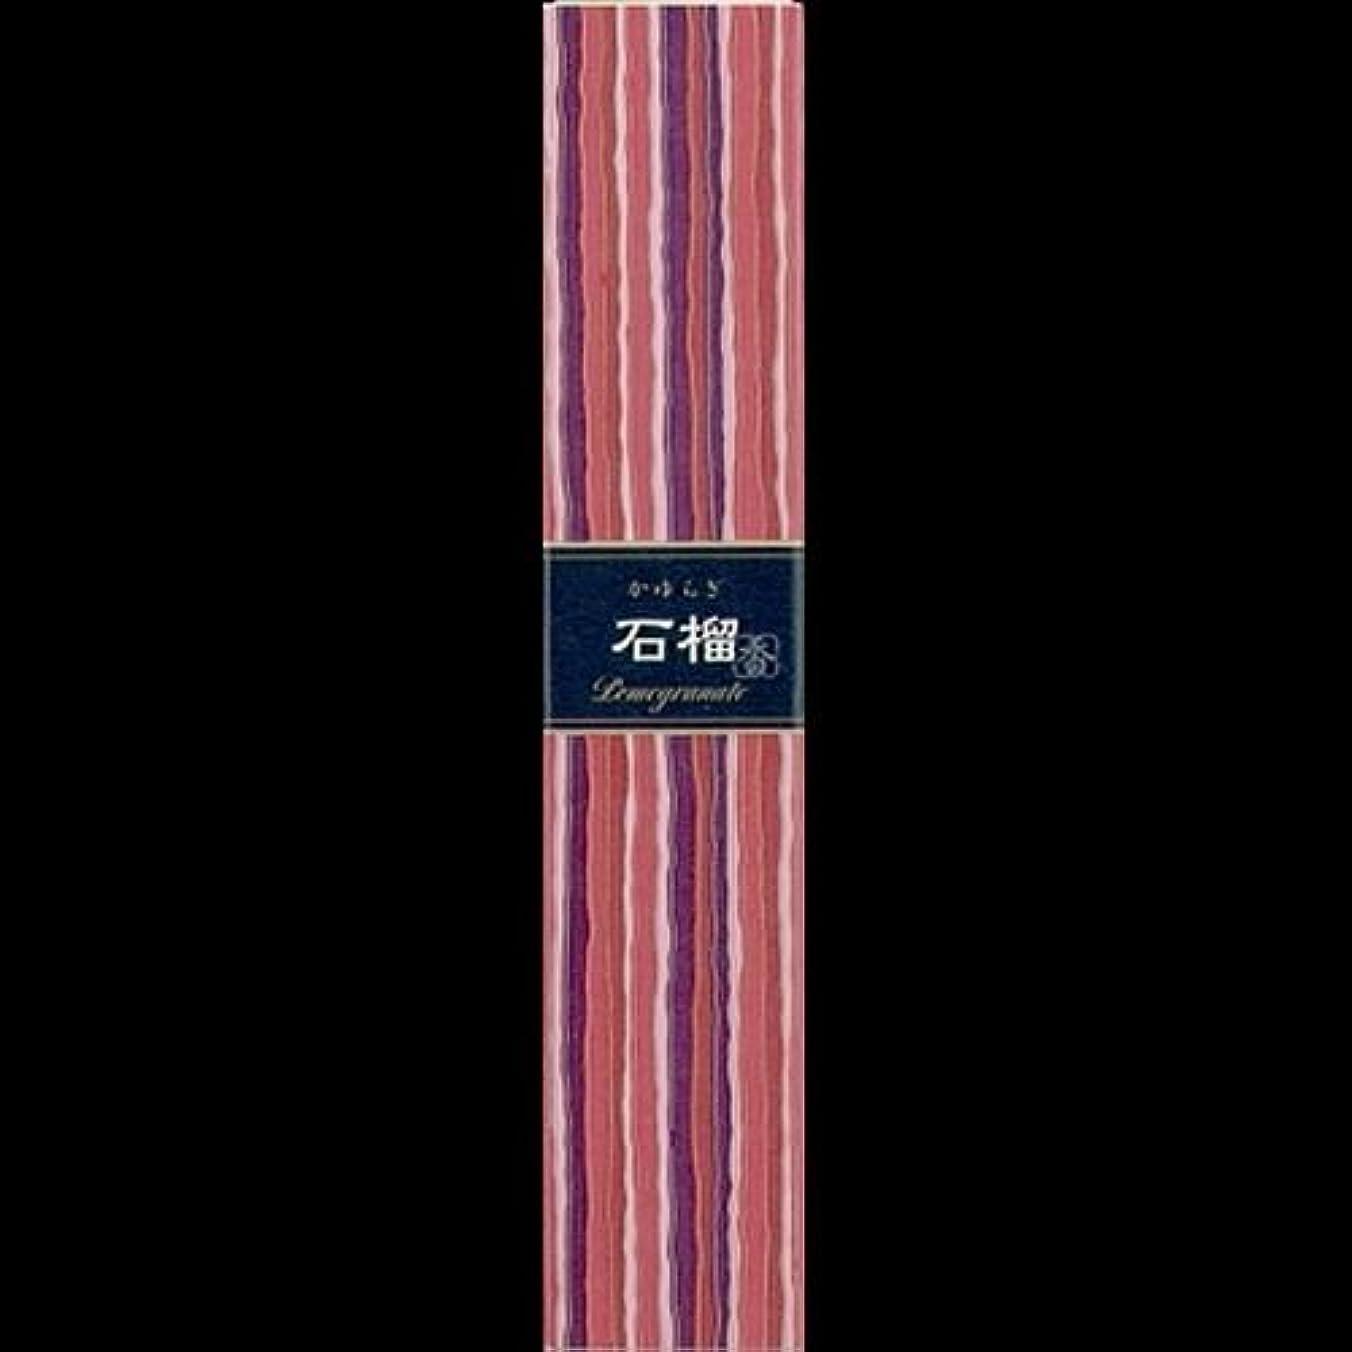 偏心スラム知恵【まとめ買い】かゆらぎ 石榴(ざくろ) ×2セット